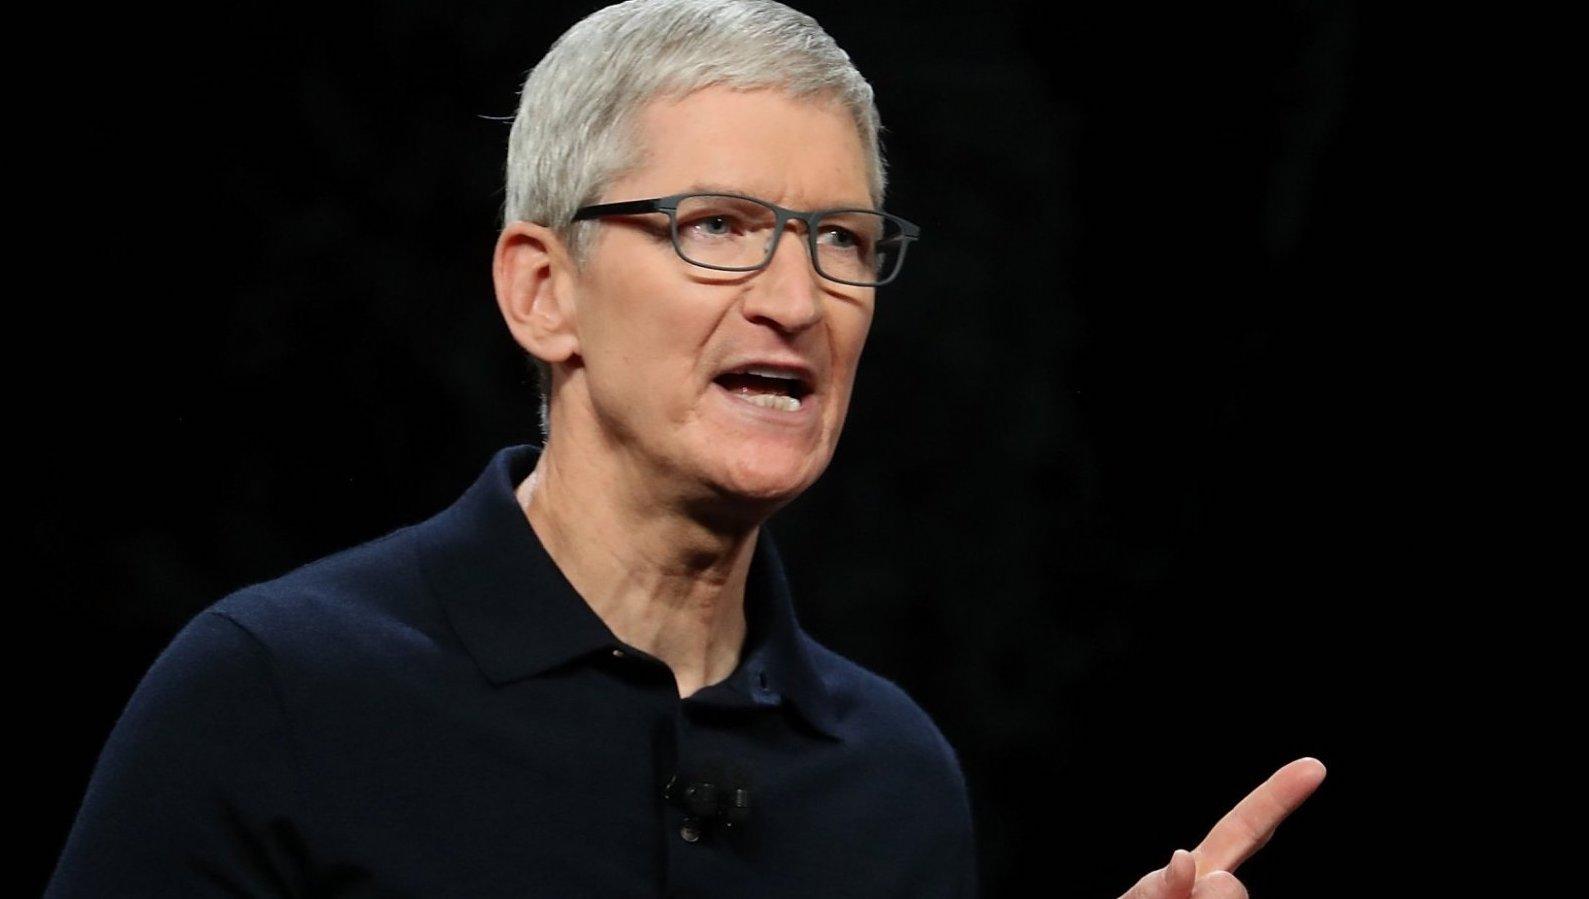 Rossz hírek érkeztek az Apple autós projektjéről